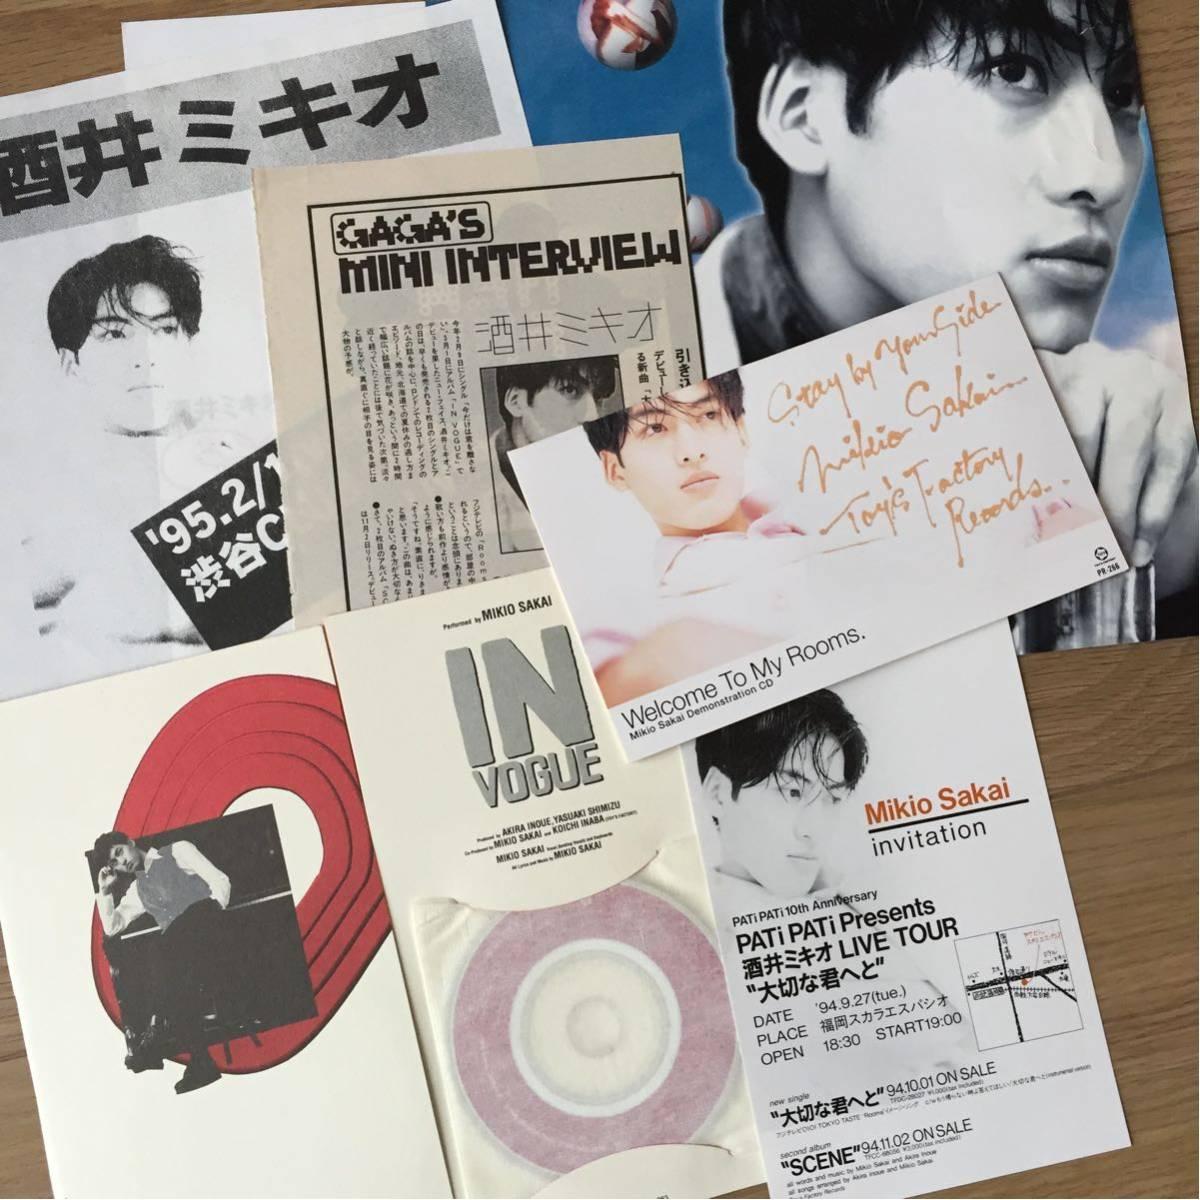 酒井ミキオ アルバムリリース ツアー告知 フライヤー チラシ 1994年